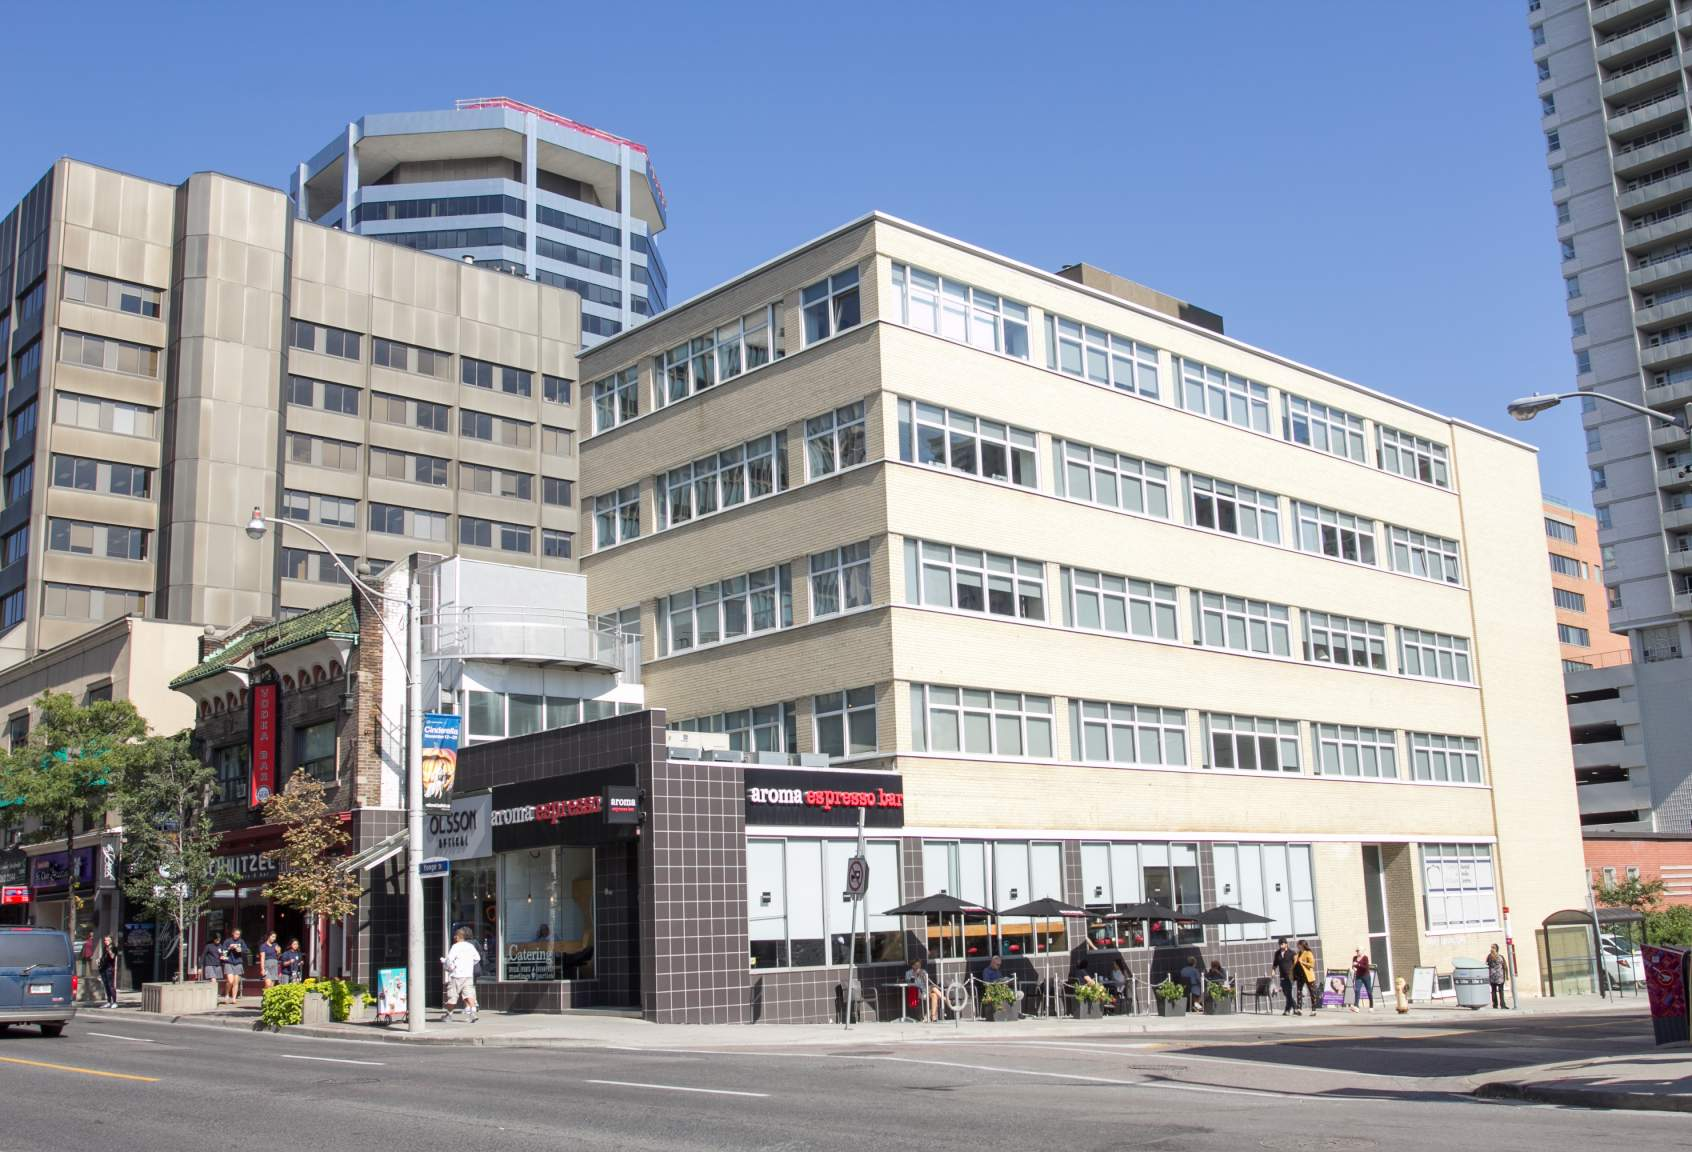 1407 Yonge St.